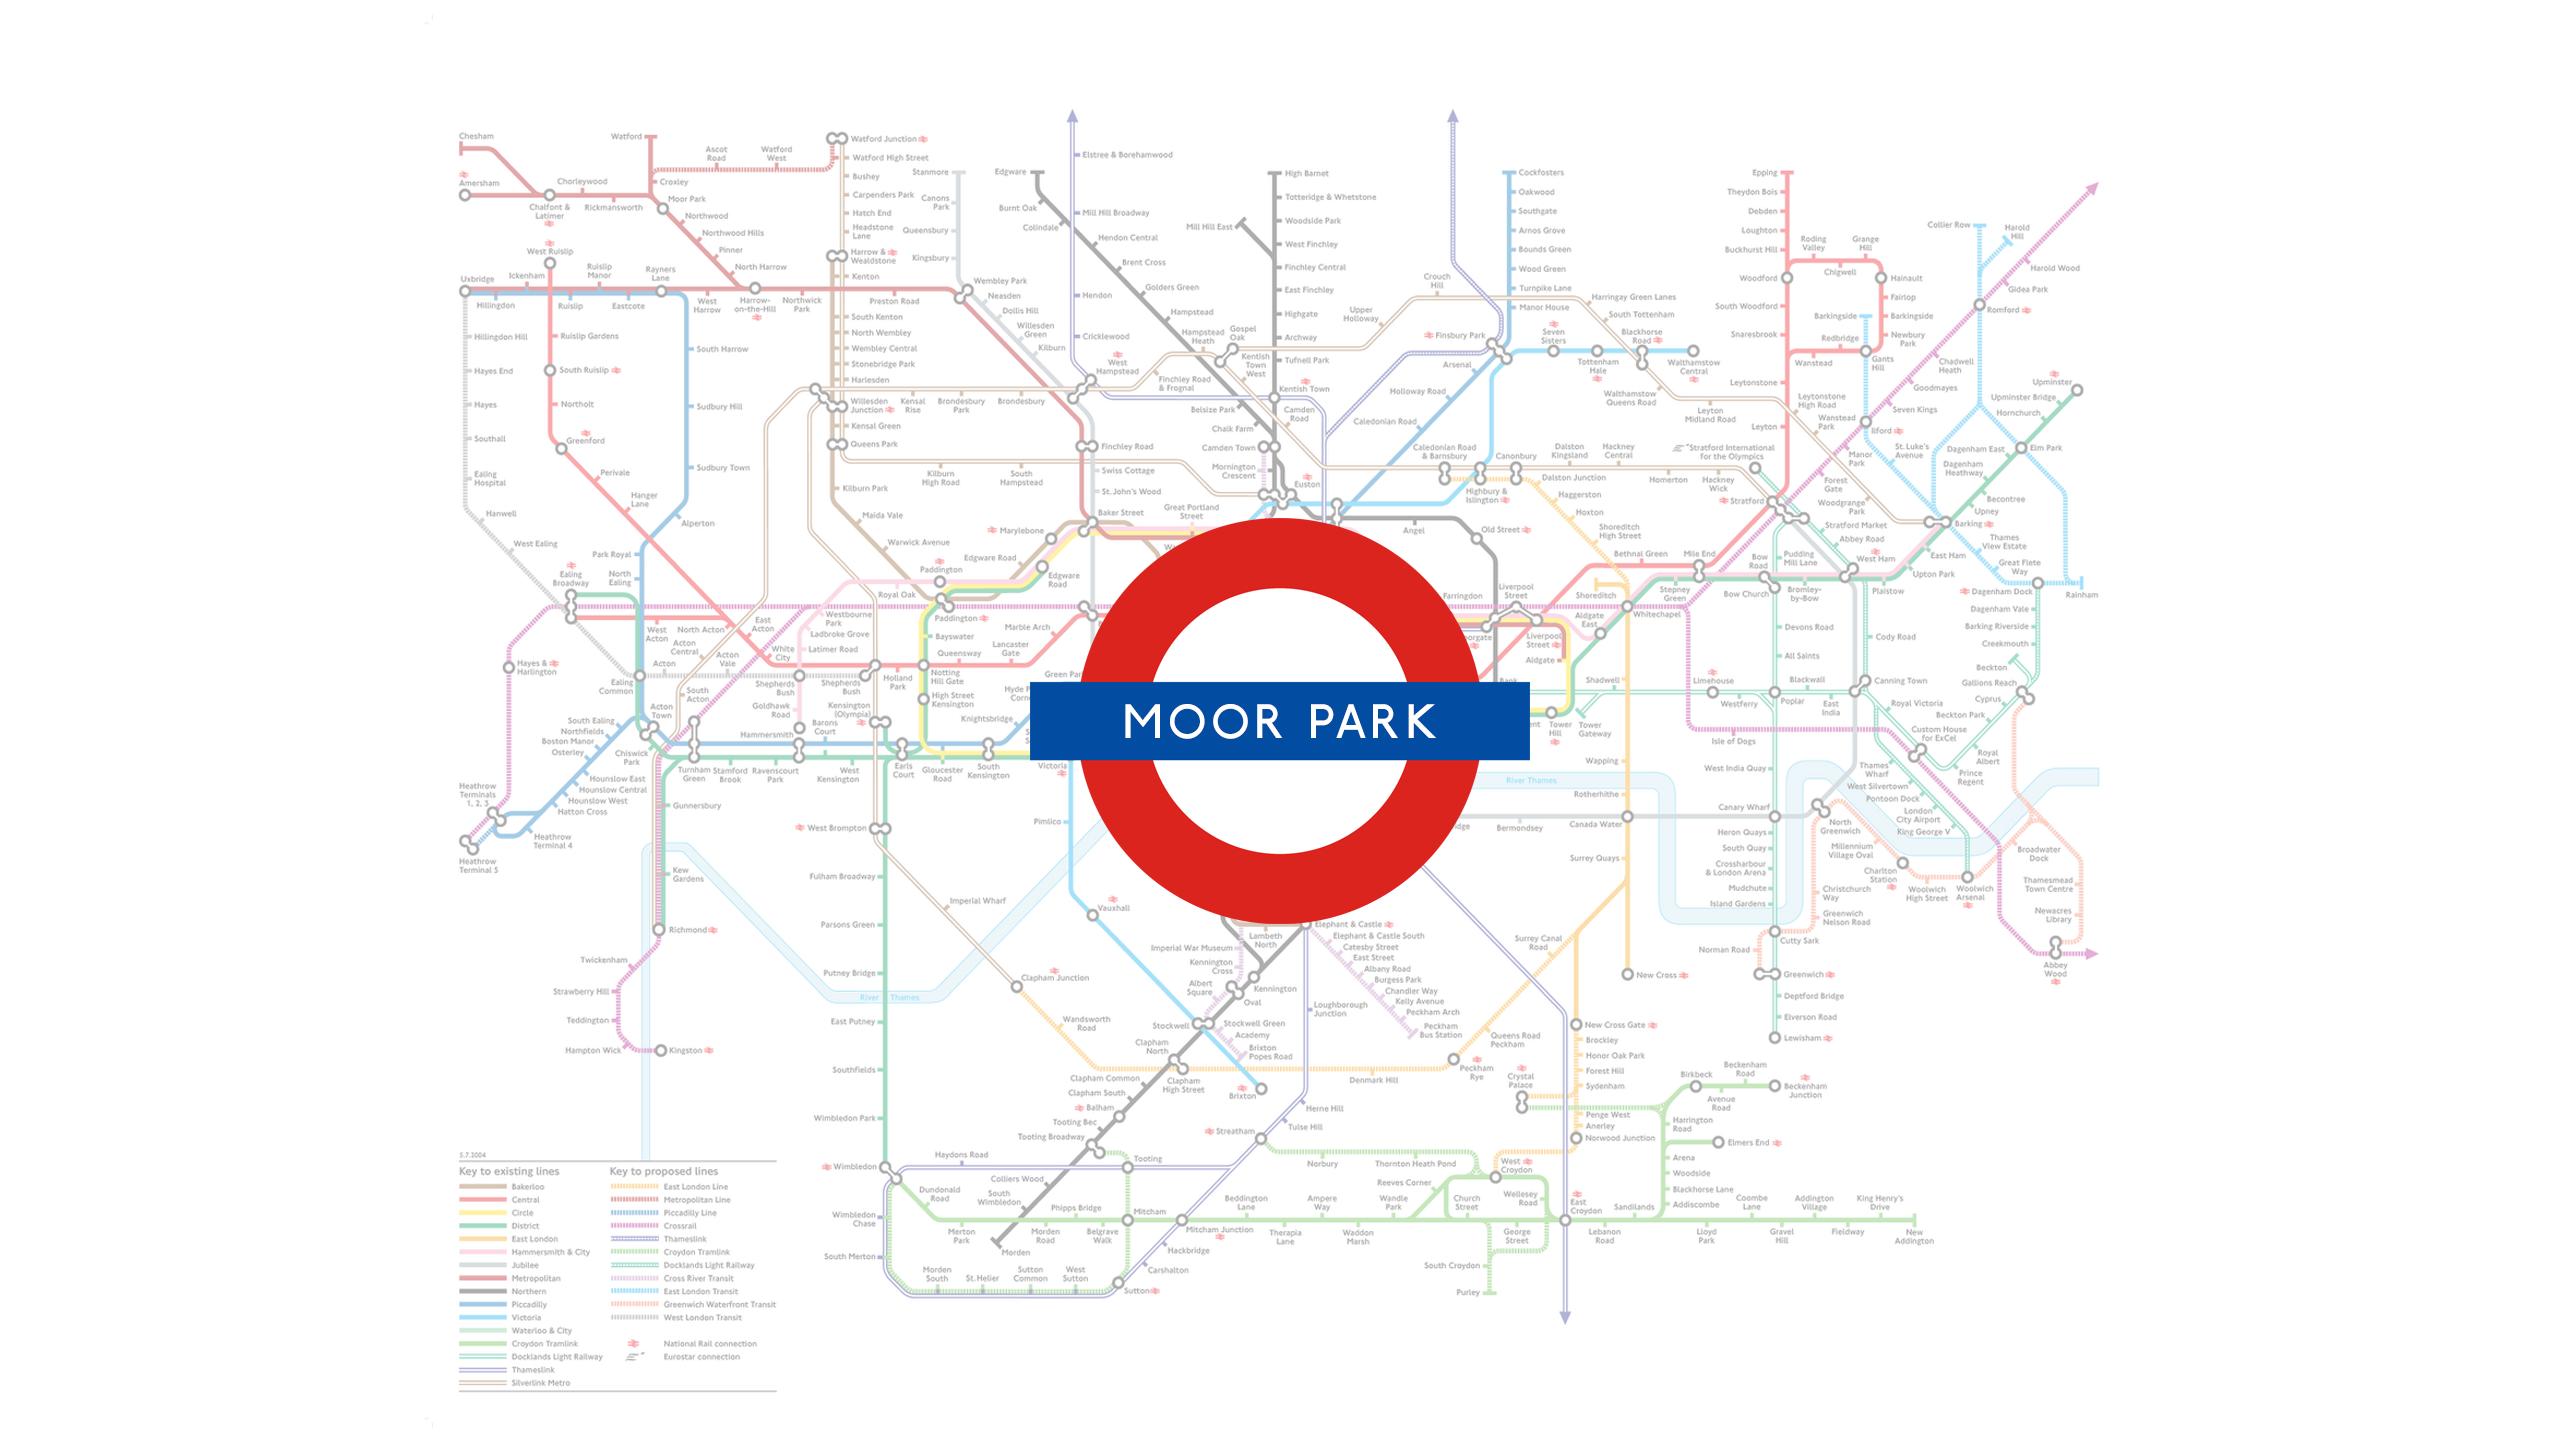 Moor Park (Map)